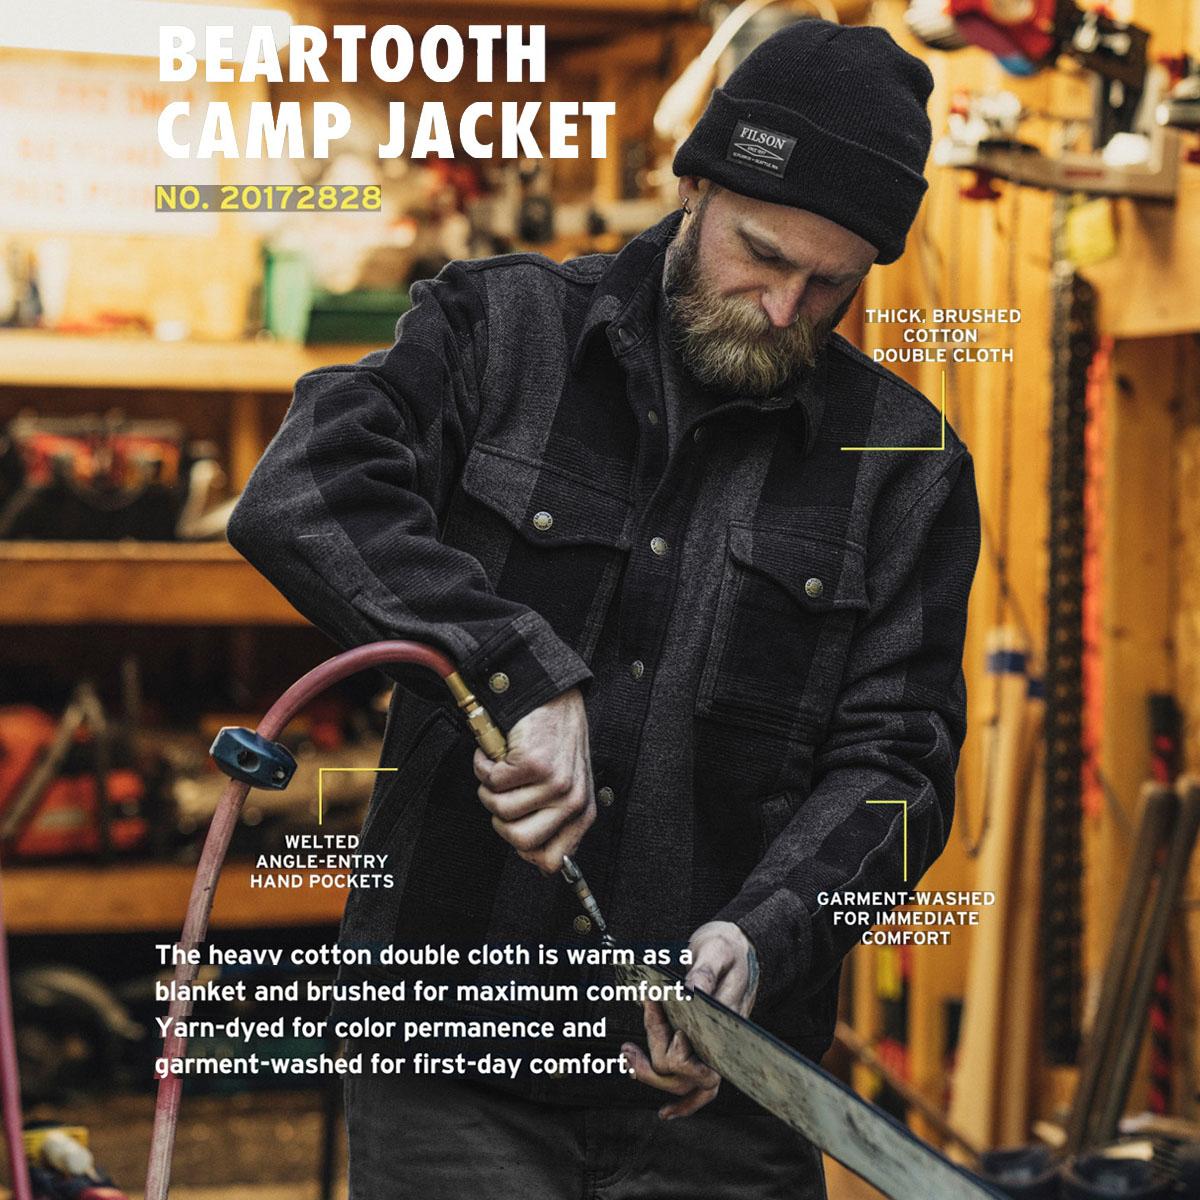 Filson Beartooth Camp Jacket Black/Gray Heather, gemaakt van zware, dubbellaags katoen voor kille herfstdagen en gemiddelde wintertemperaturen.